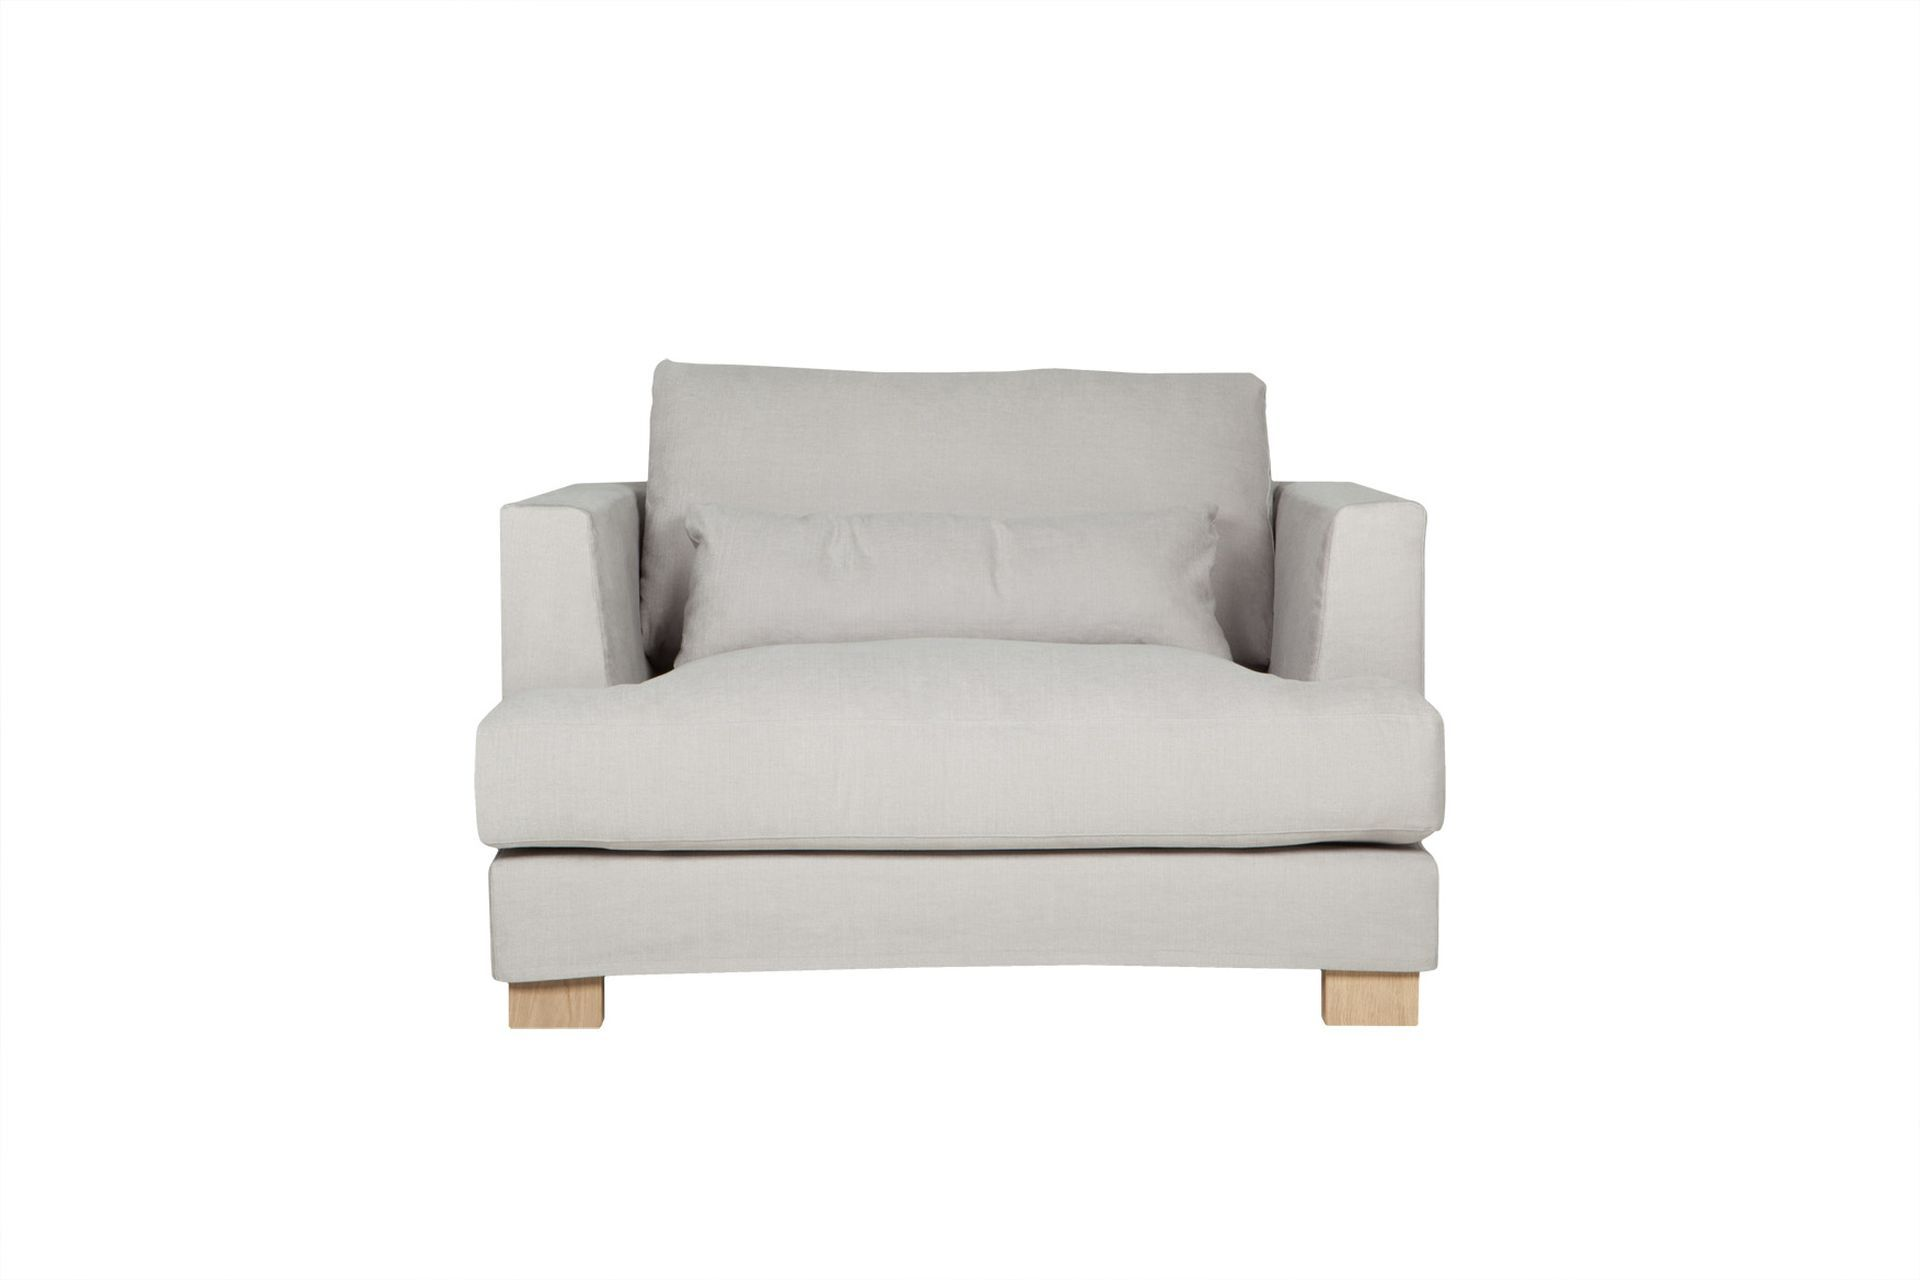 Кресло Sits 6284338 от thefurnish